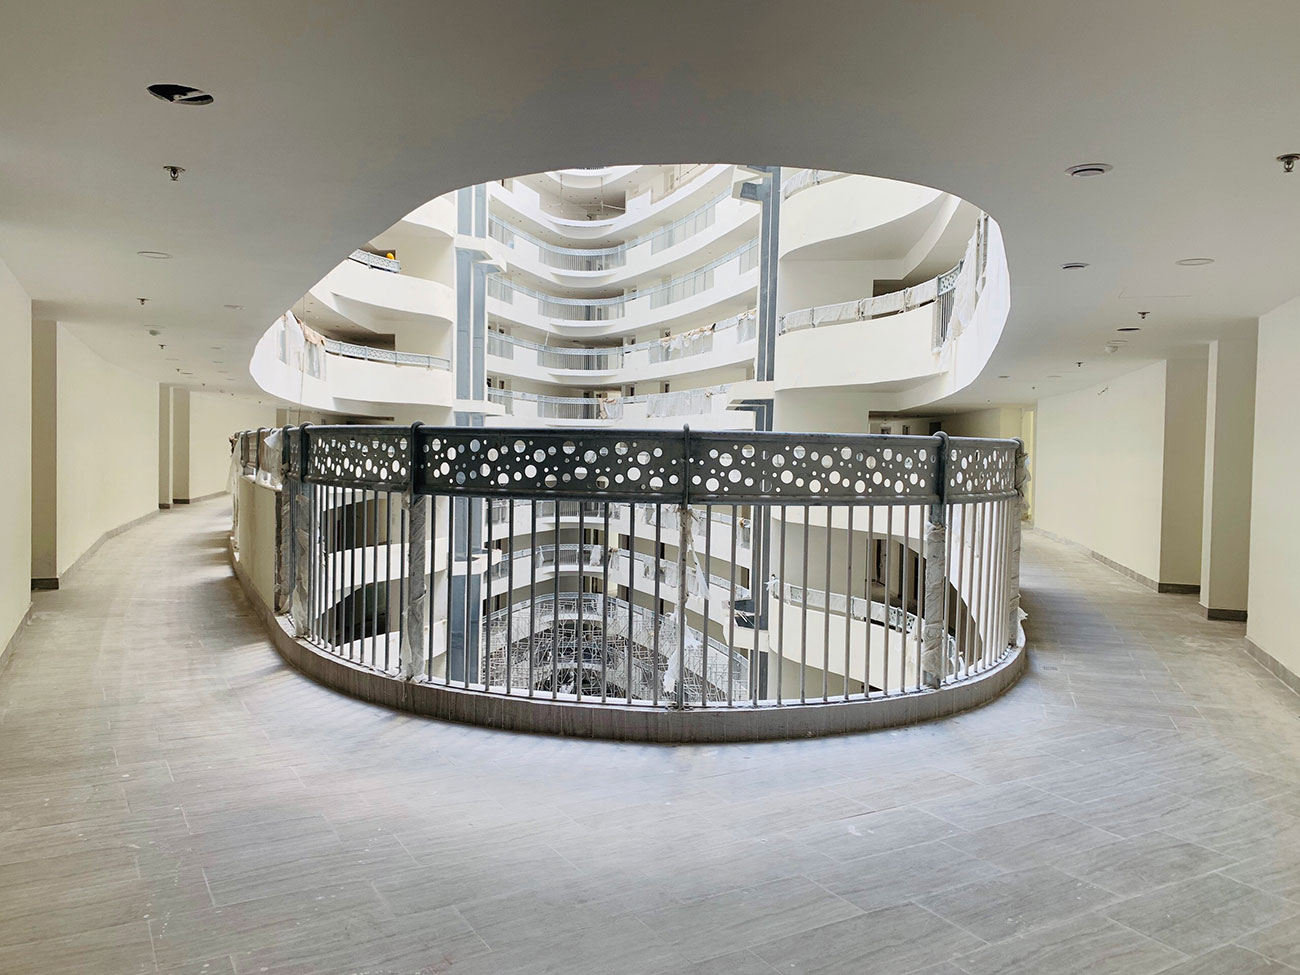 Tiến độ dự án căn hộ chung cư Vũng Tàu Gateway Vũng Tàu  Đường 3/2 chủ đầu tư DIC Corp 24/04/2020